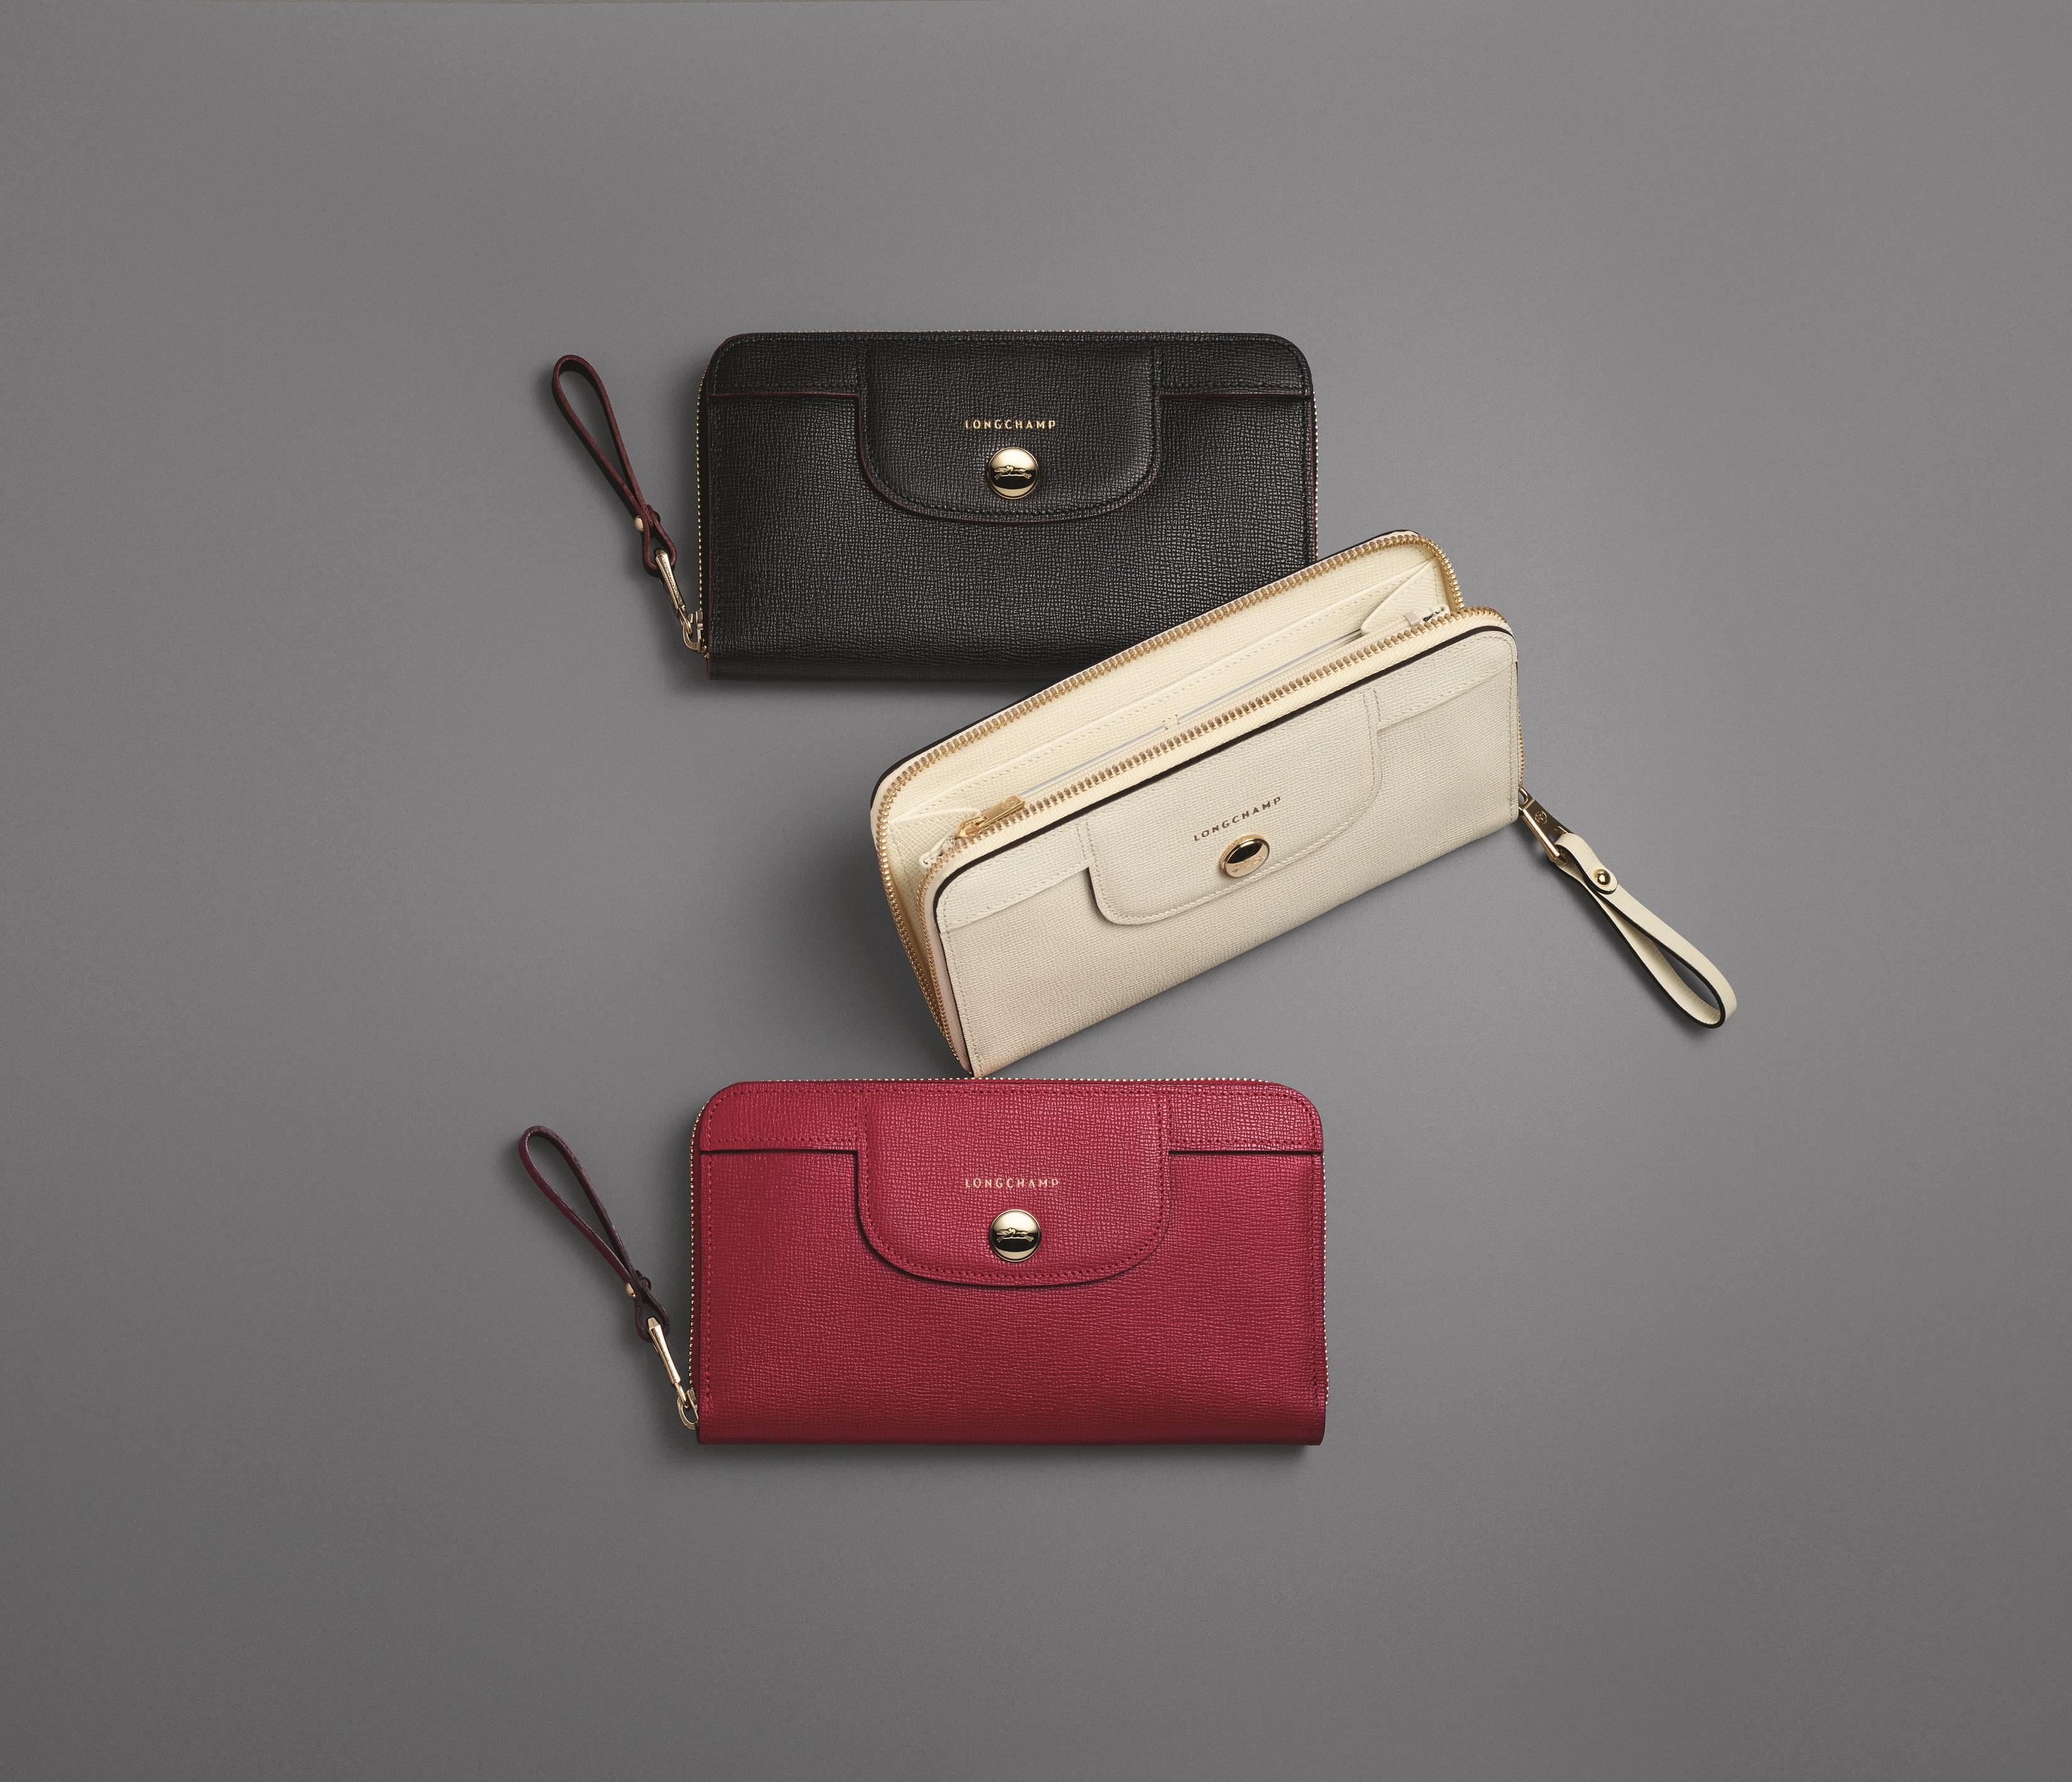 Sac Longchamp Pliage Vraie Ou Faux : No?l pe cadeaux tout en cuir par longchamp